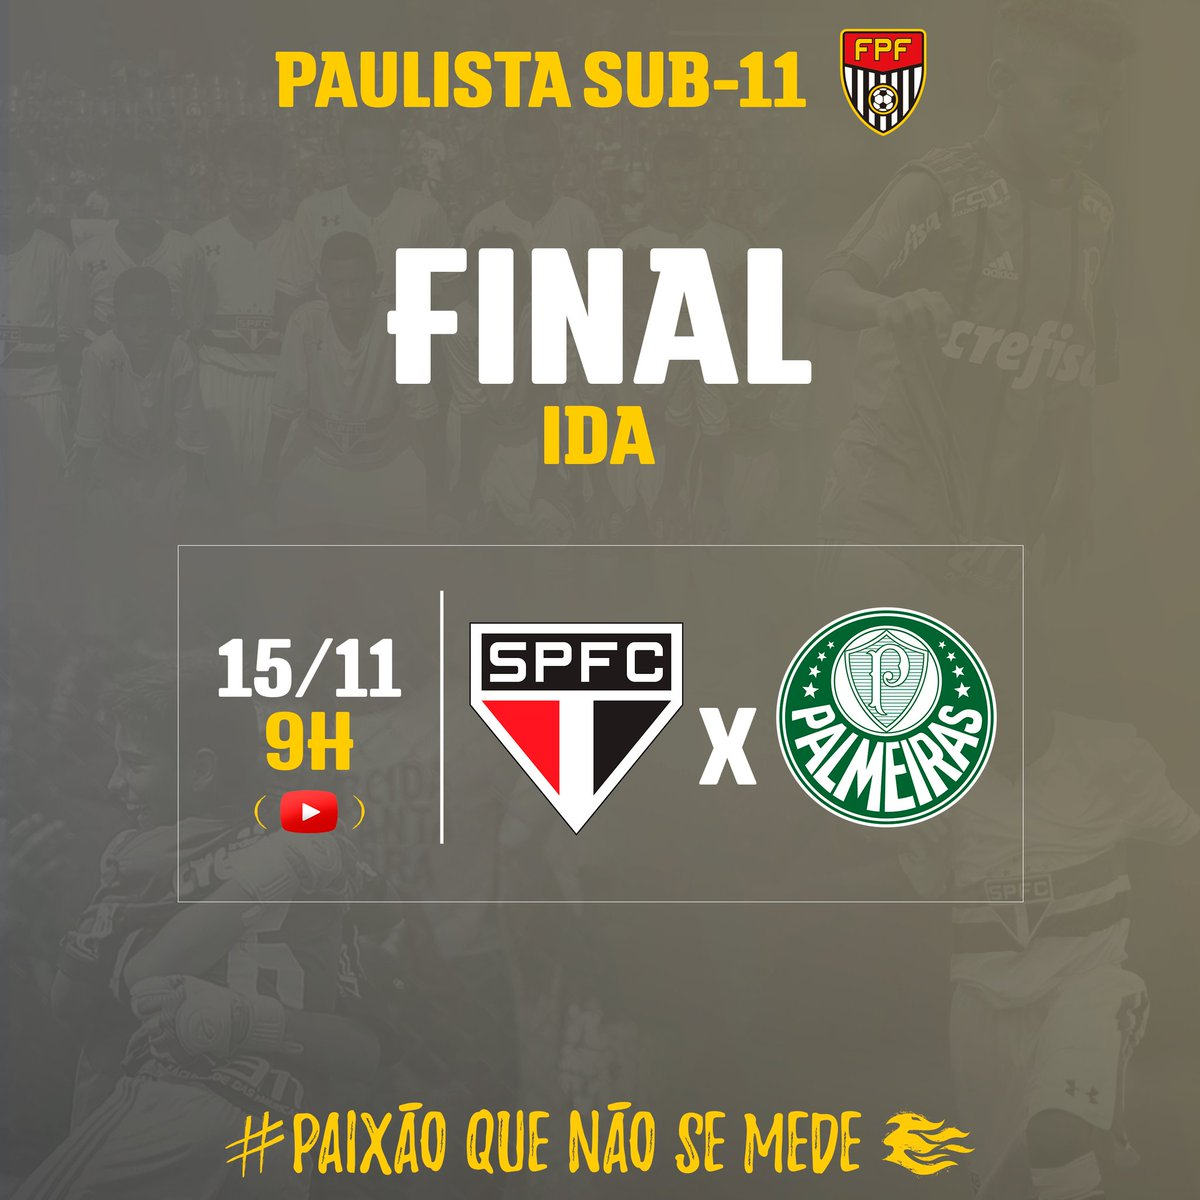 NO YOUTUBE! São Paulo e Palmeiras se enfrentam no Morumbi pelo primeiro jogo de ida do Paulista Sub-11. Assista em https://t.co/BNcjCqze1p! #PaixãoQueNãoSeMede #FPF #FutebolPaulista #EsseÉoMeuJogo